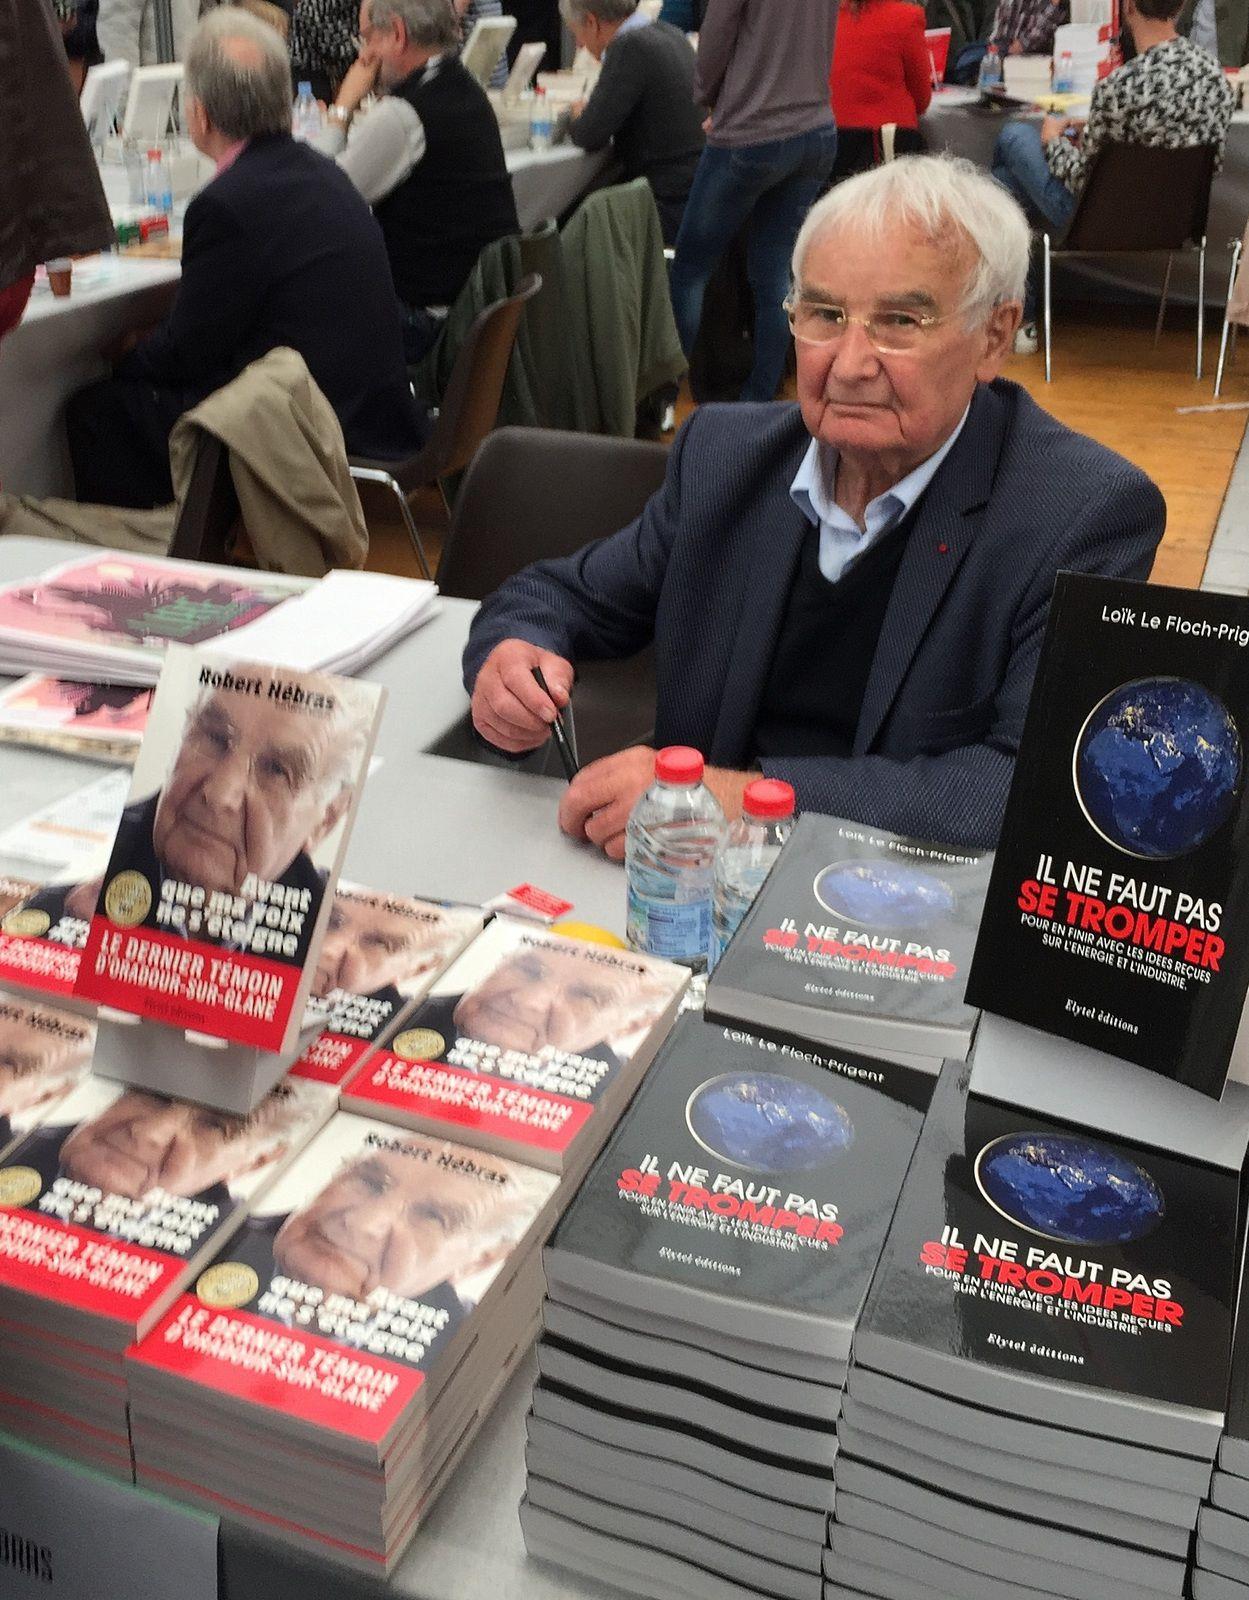 Robert Hébras à Limoges le 28 avril 2018